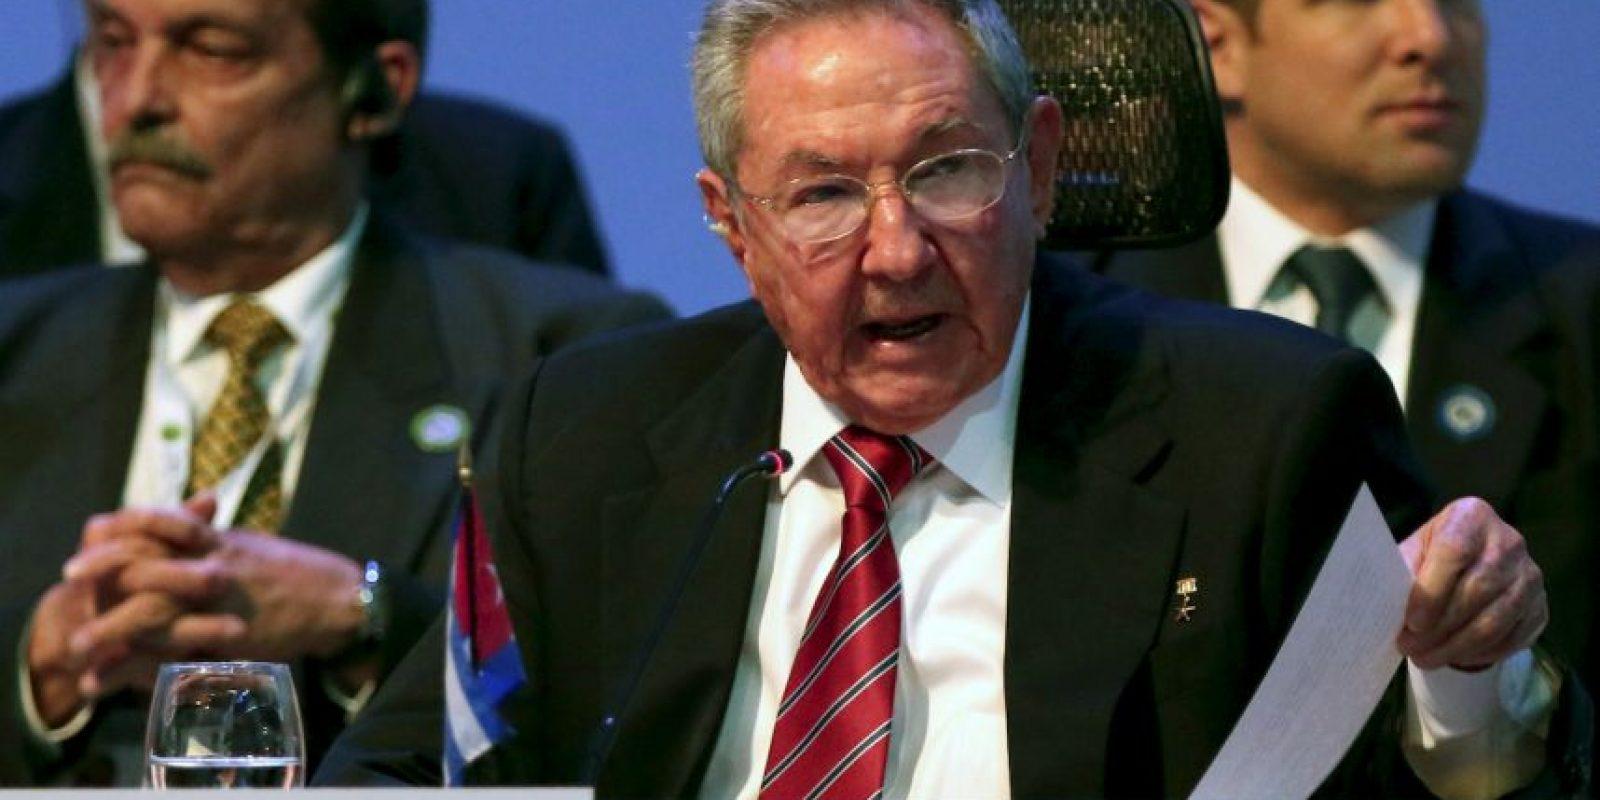 Diversas aerolíneas han anunciado su interés en realizar vuelos desde Estados Unidos a Cuba. Recientemente la aerolínea Jetblue anunció que a partir de julio realizarán vuelos comerciales a La Habana desde Nueva York. Foto:AFP